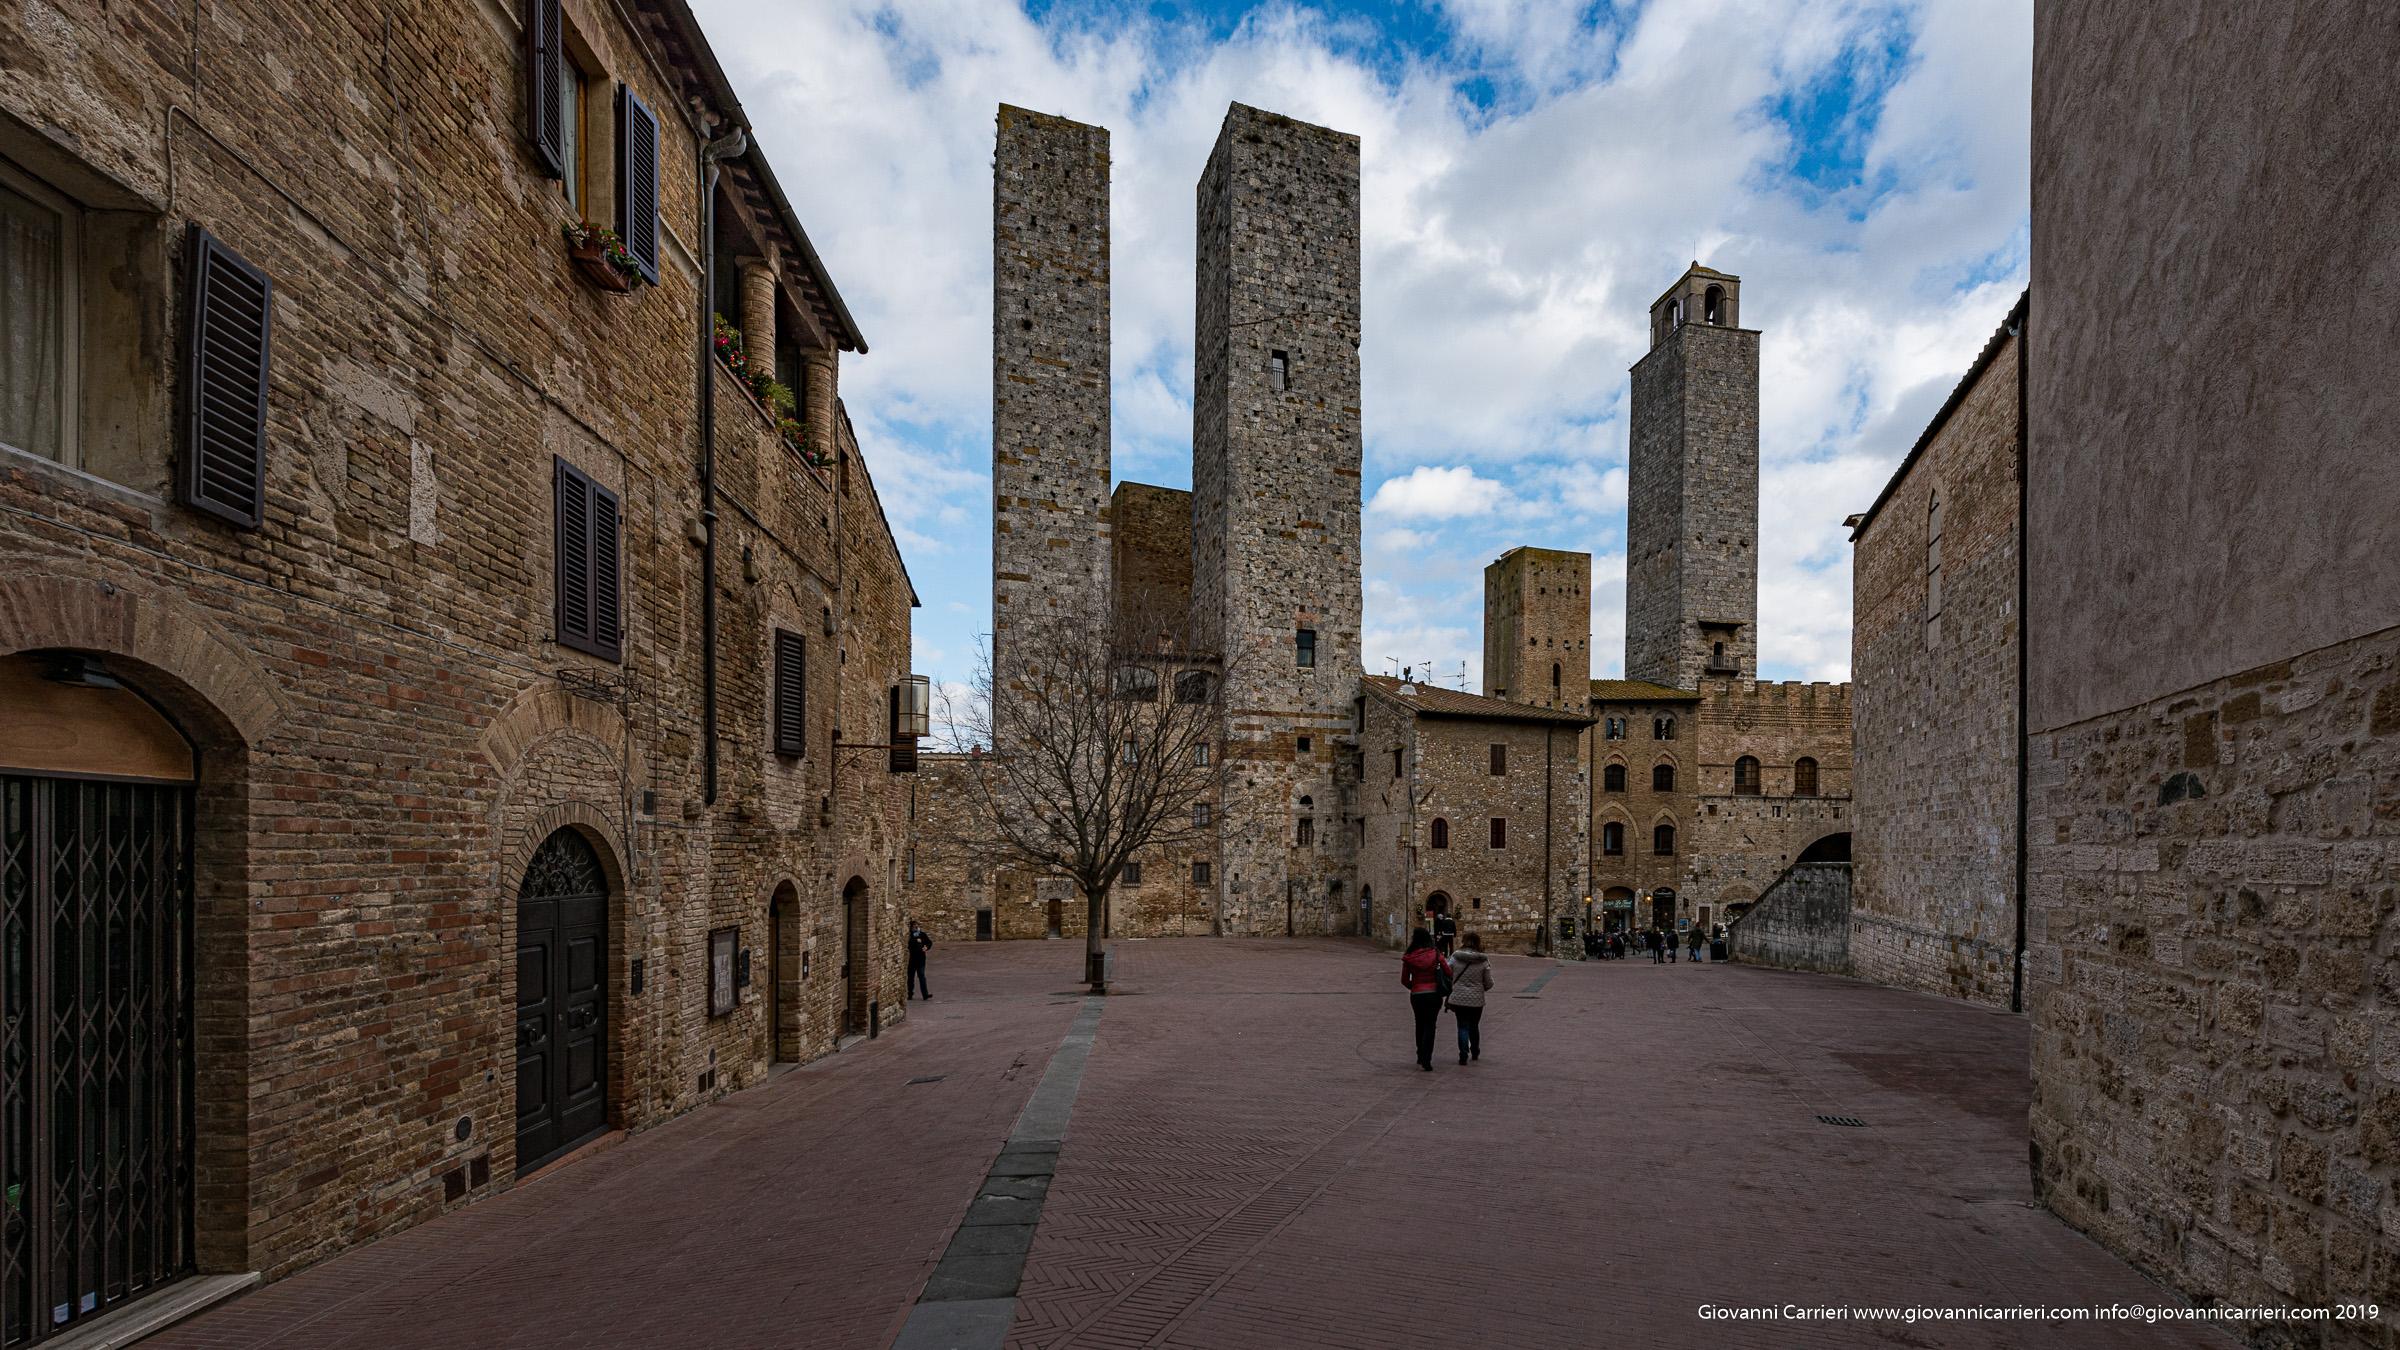 Piazza delle Erbe, San Gimignano